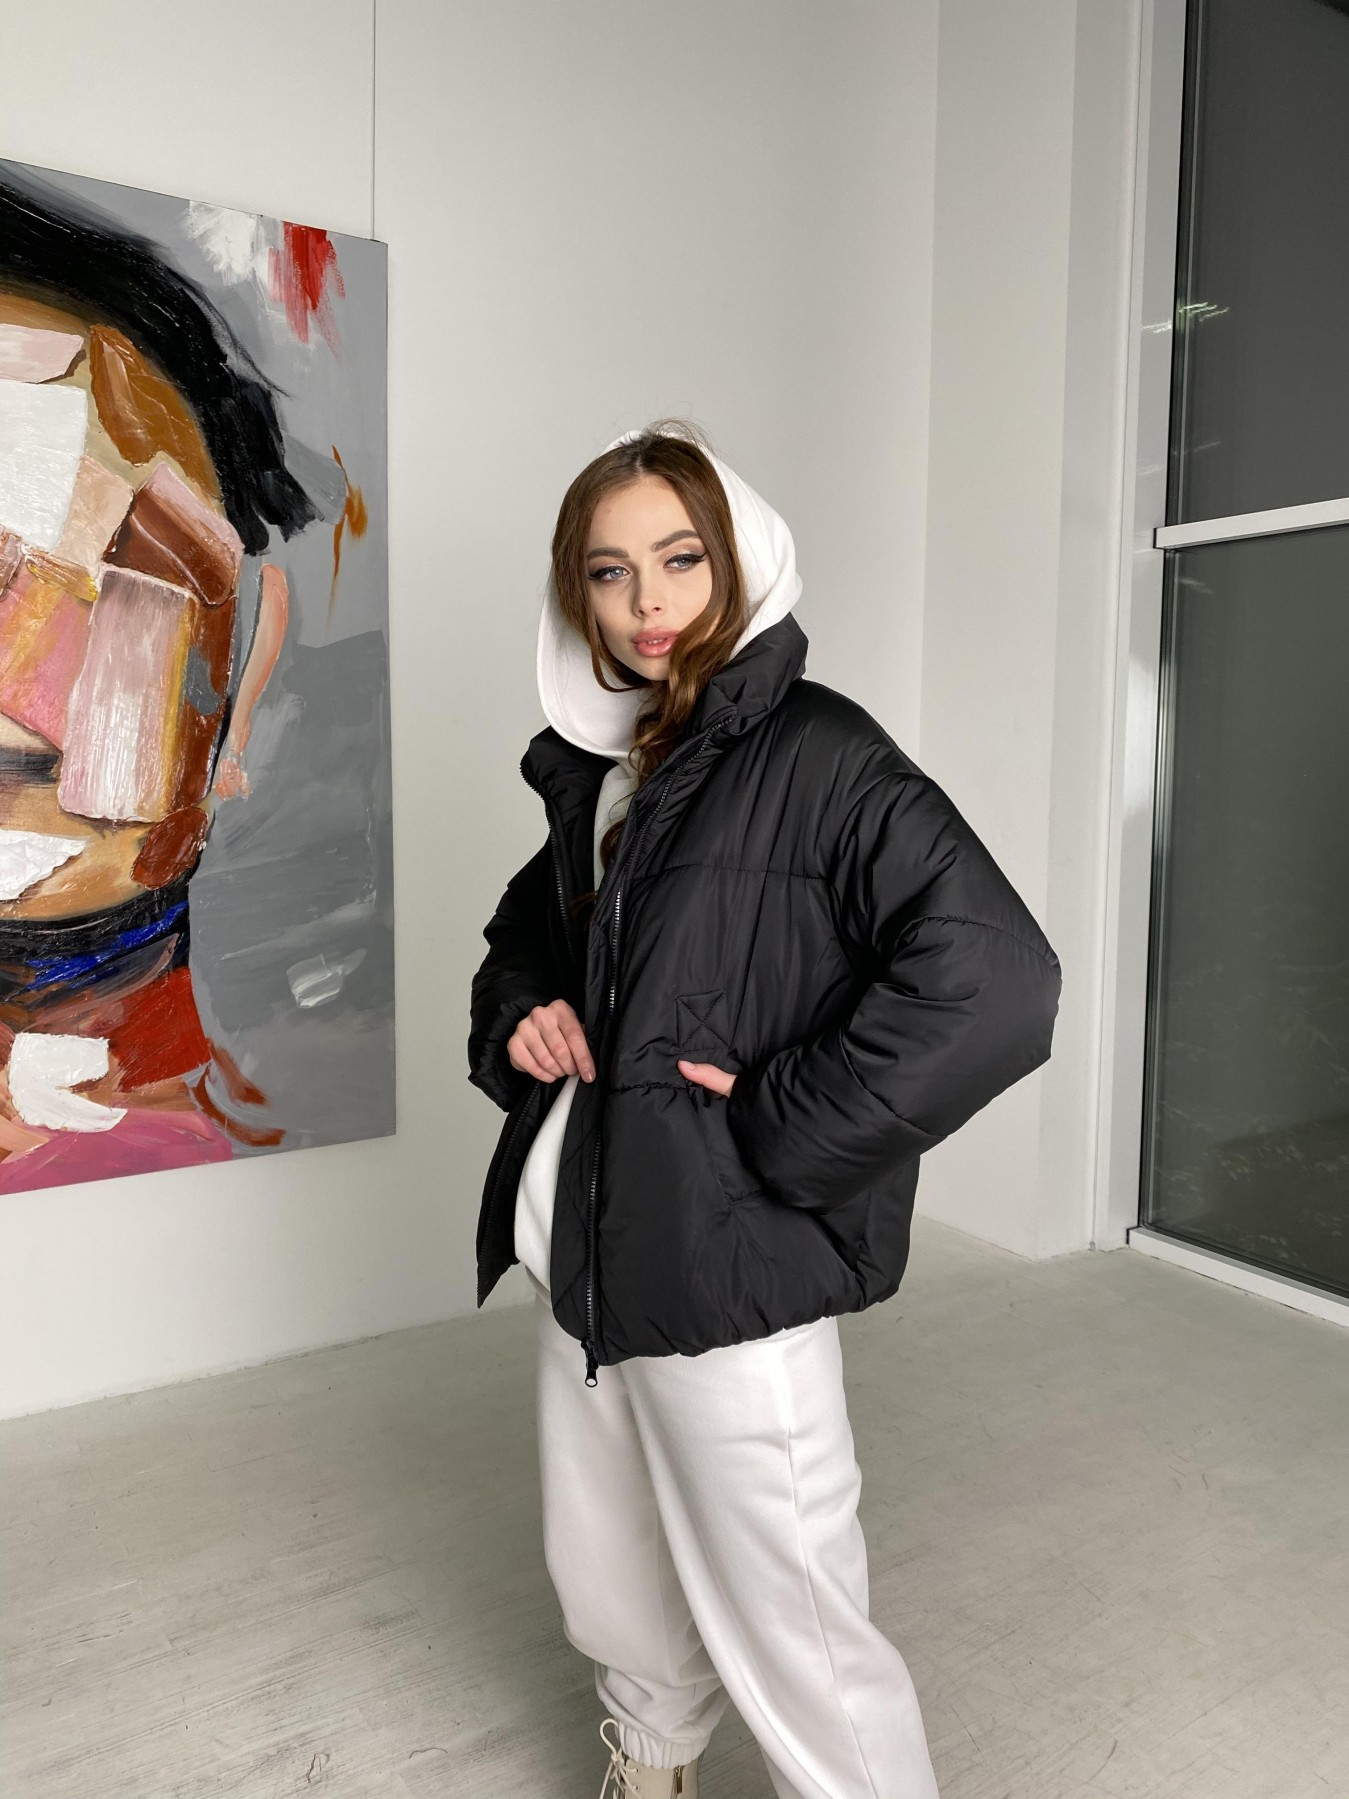 Муд куртка из плащевой ткани 10509 АРТ. 46854 Цвет: Черный - фото 7, интернет магазин tm-modus.ru